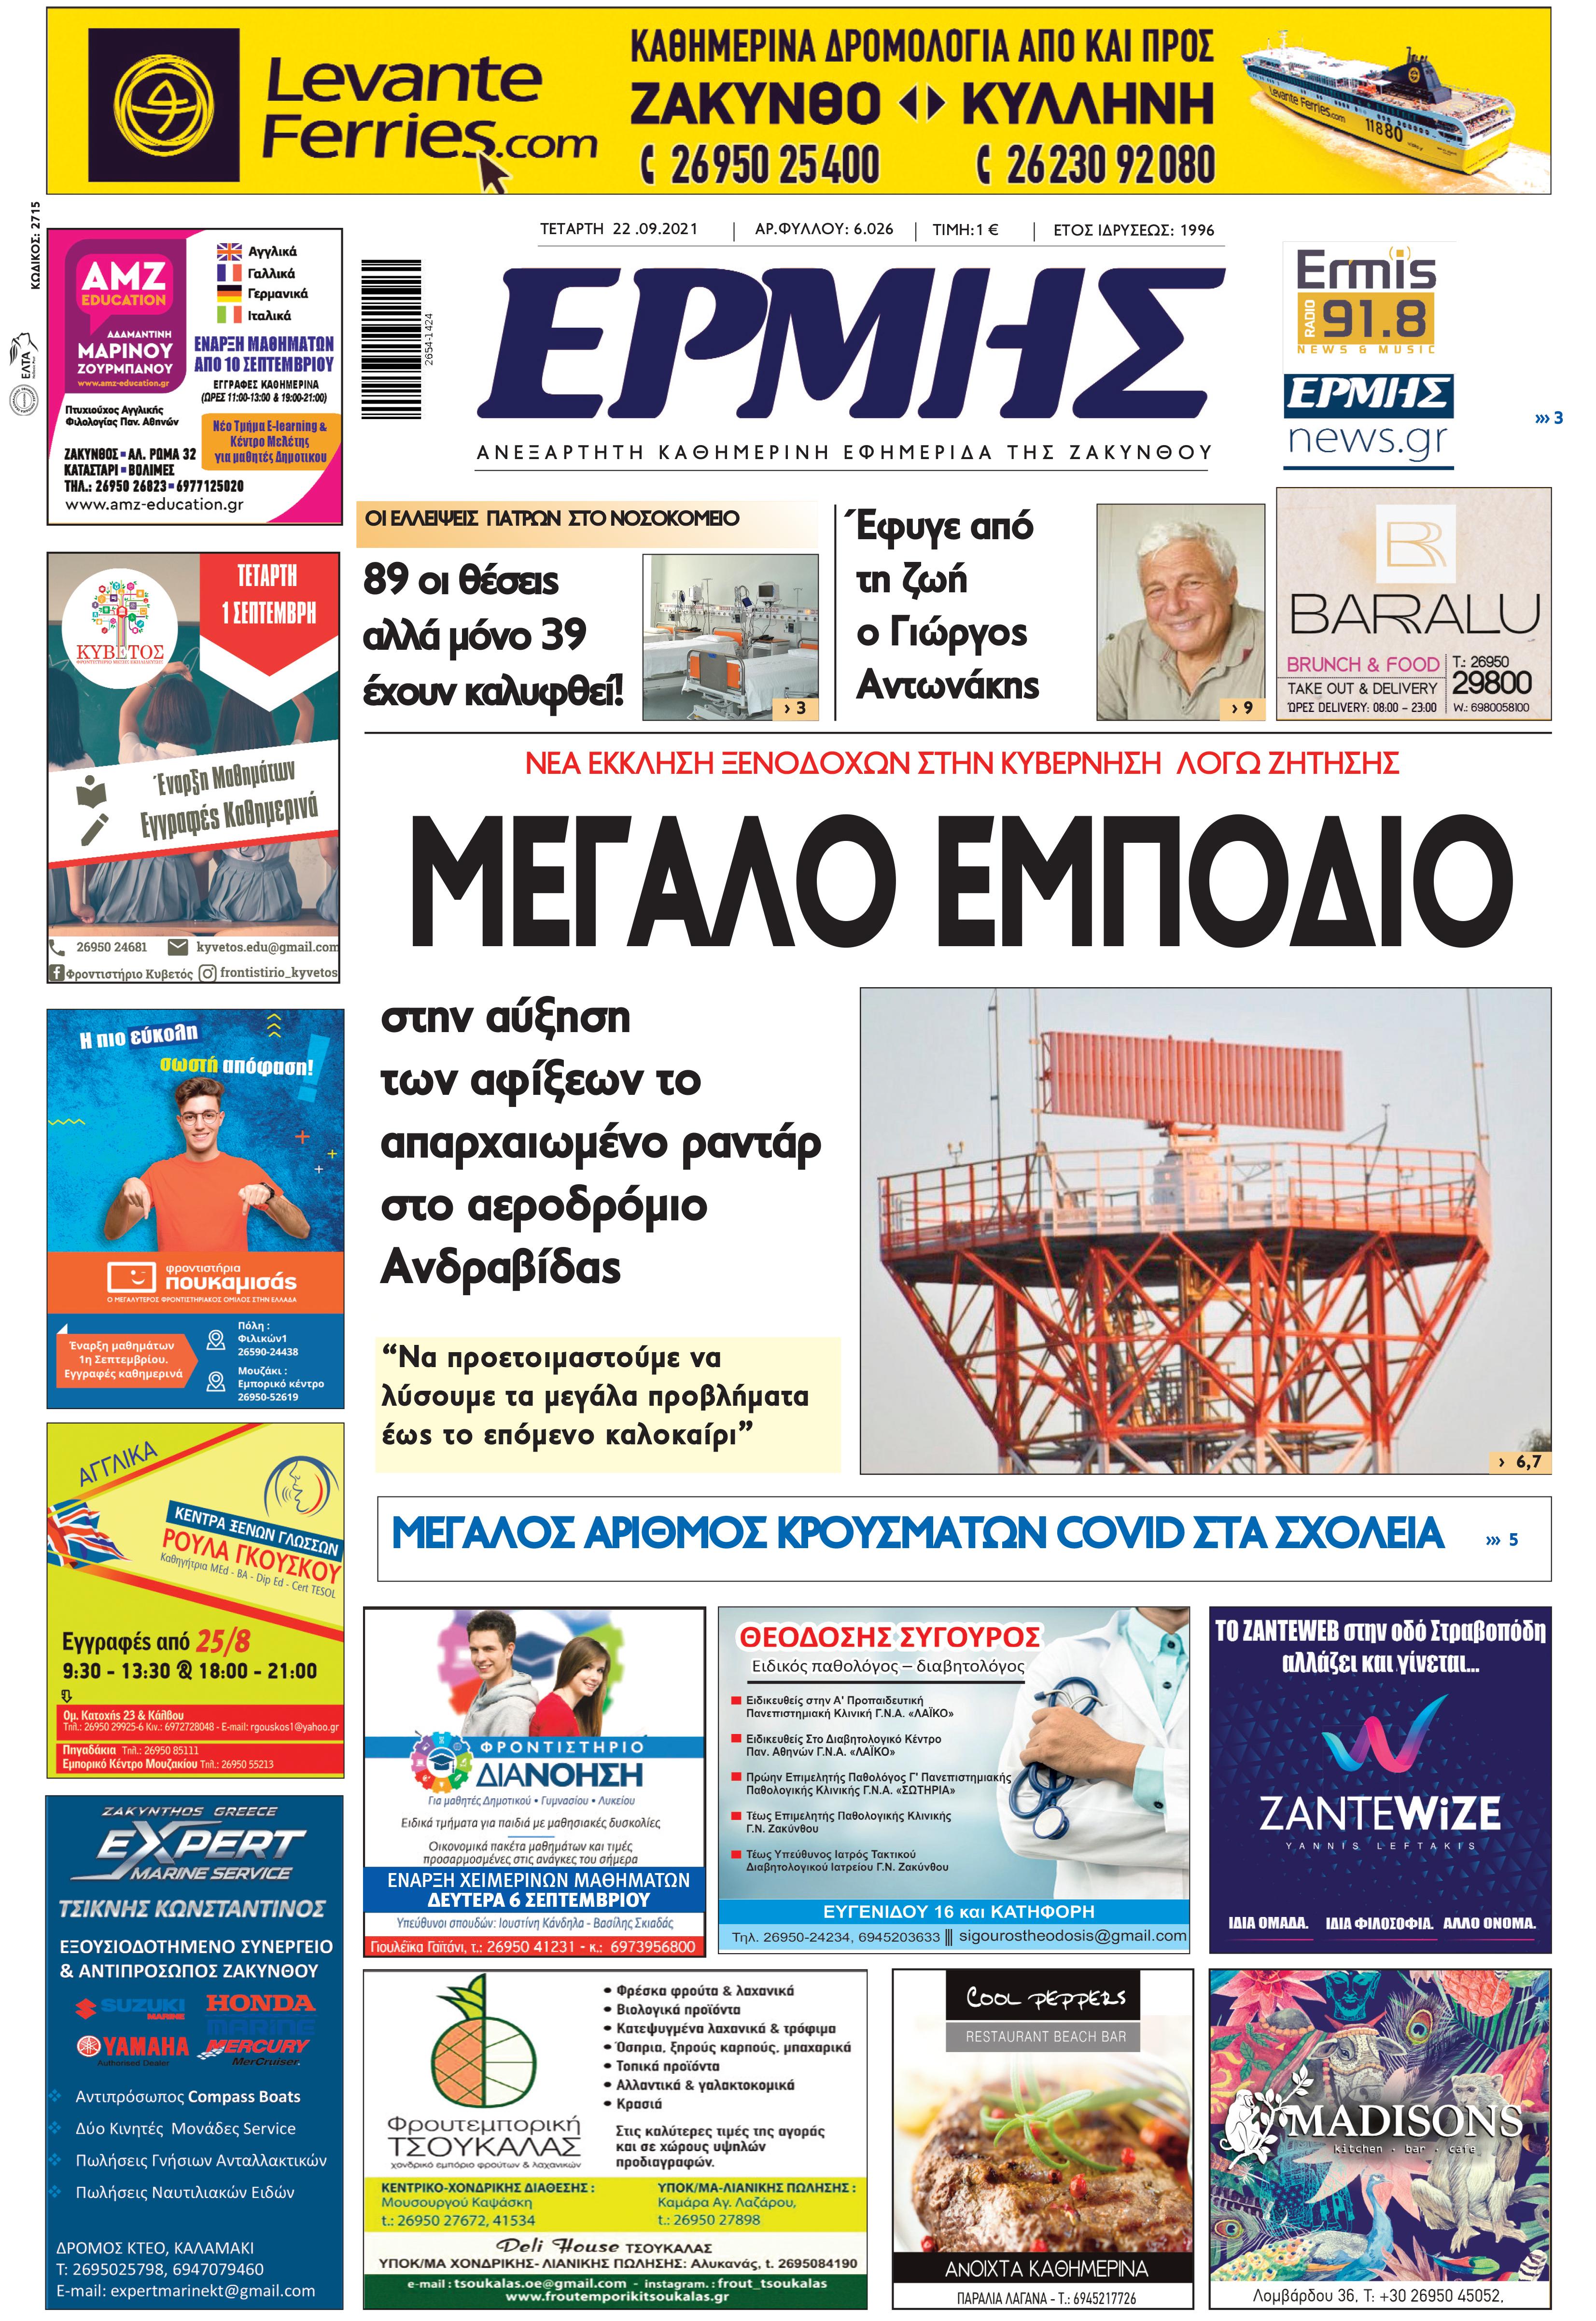 Εφημερίδα ΕΡΜΗΣ 6026